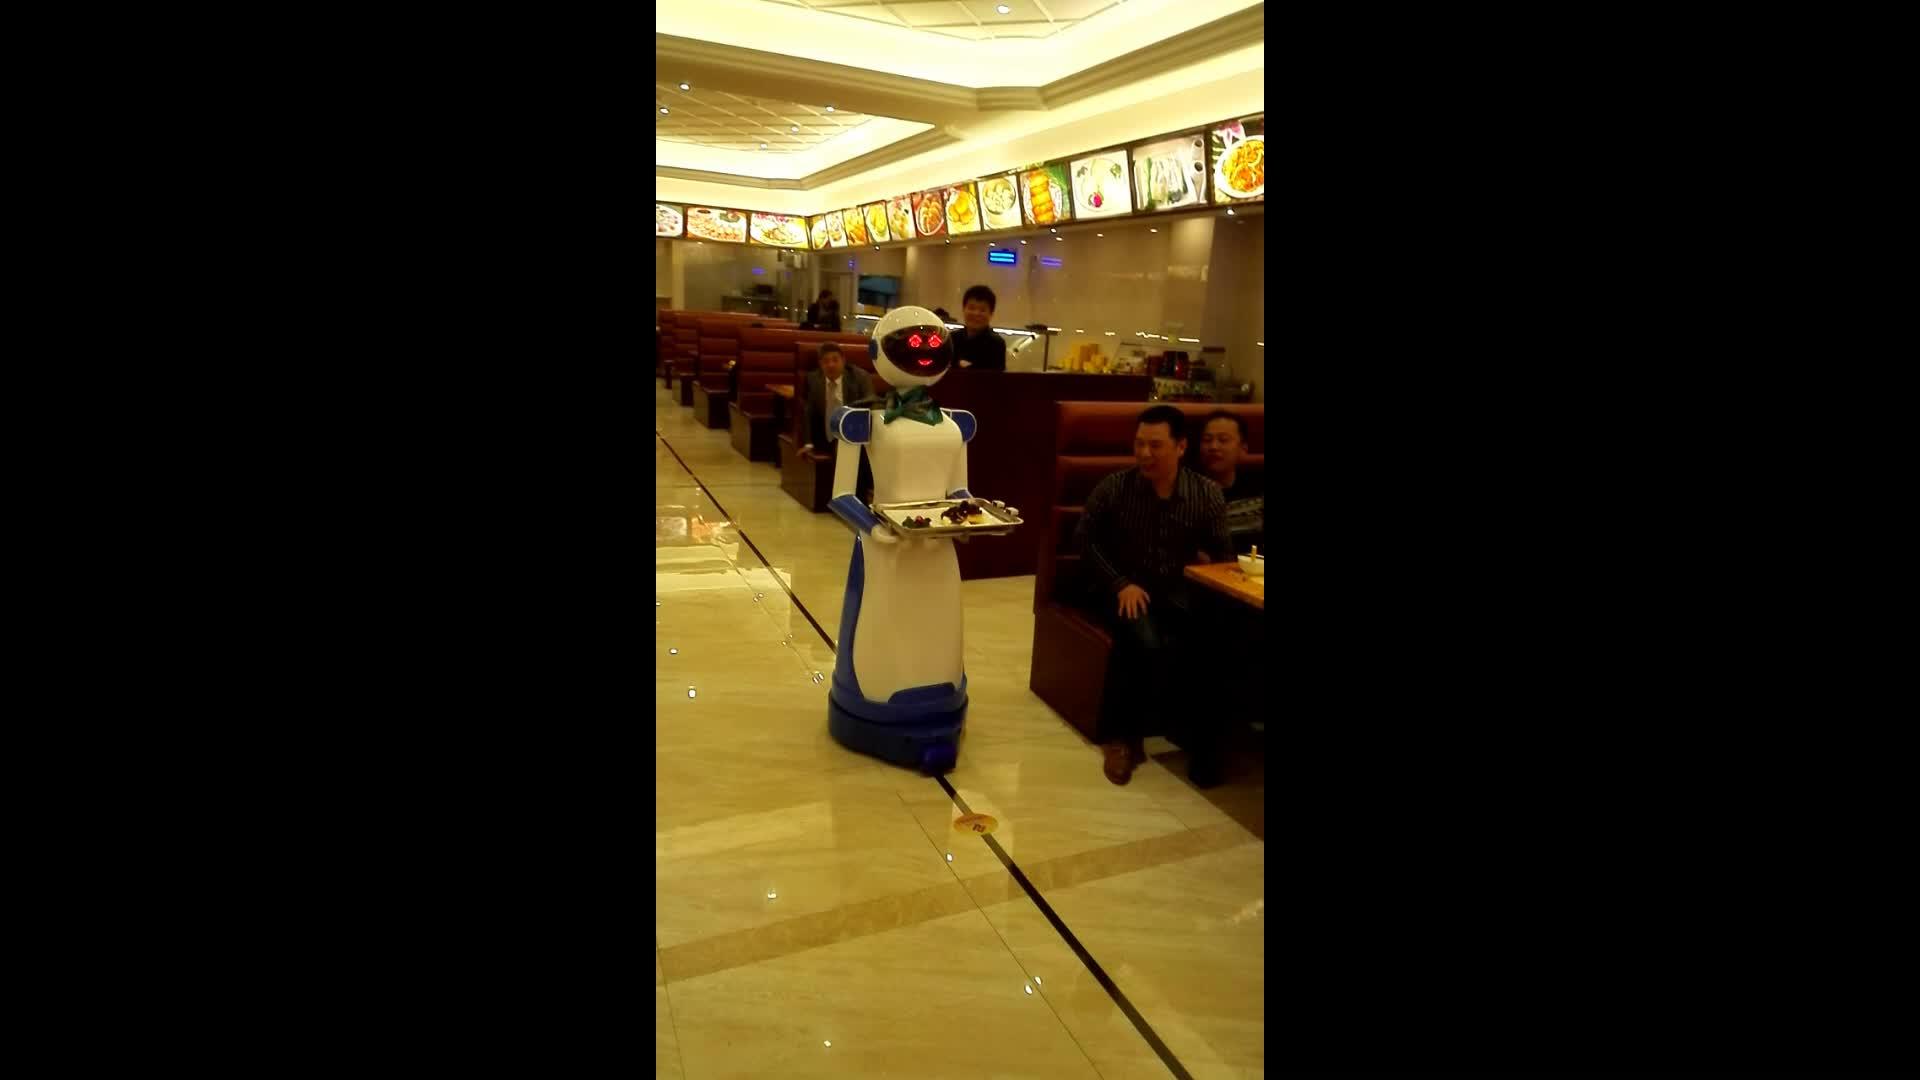 Restaurant Waiter/Robot (the third generation)